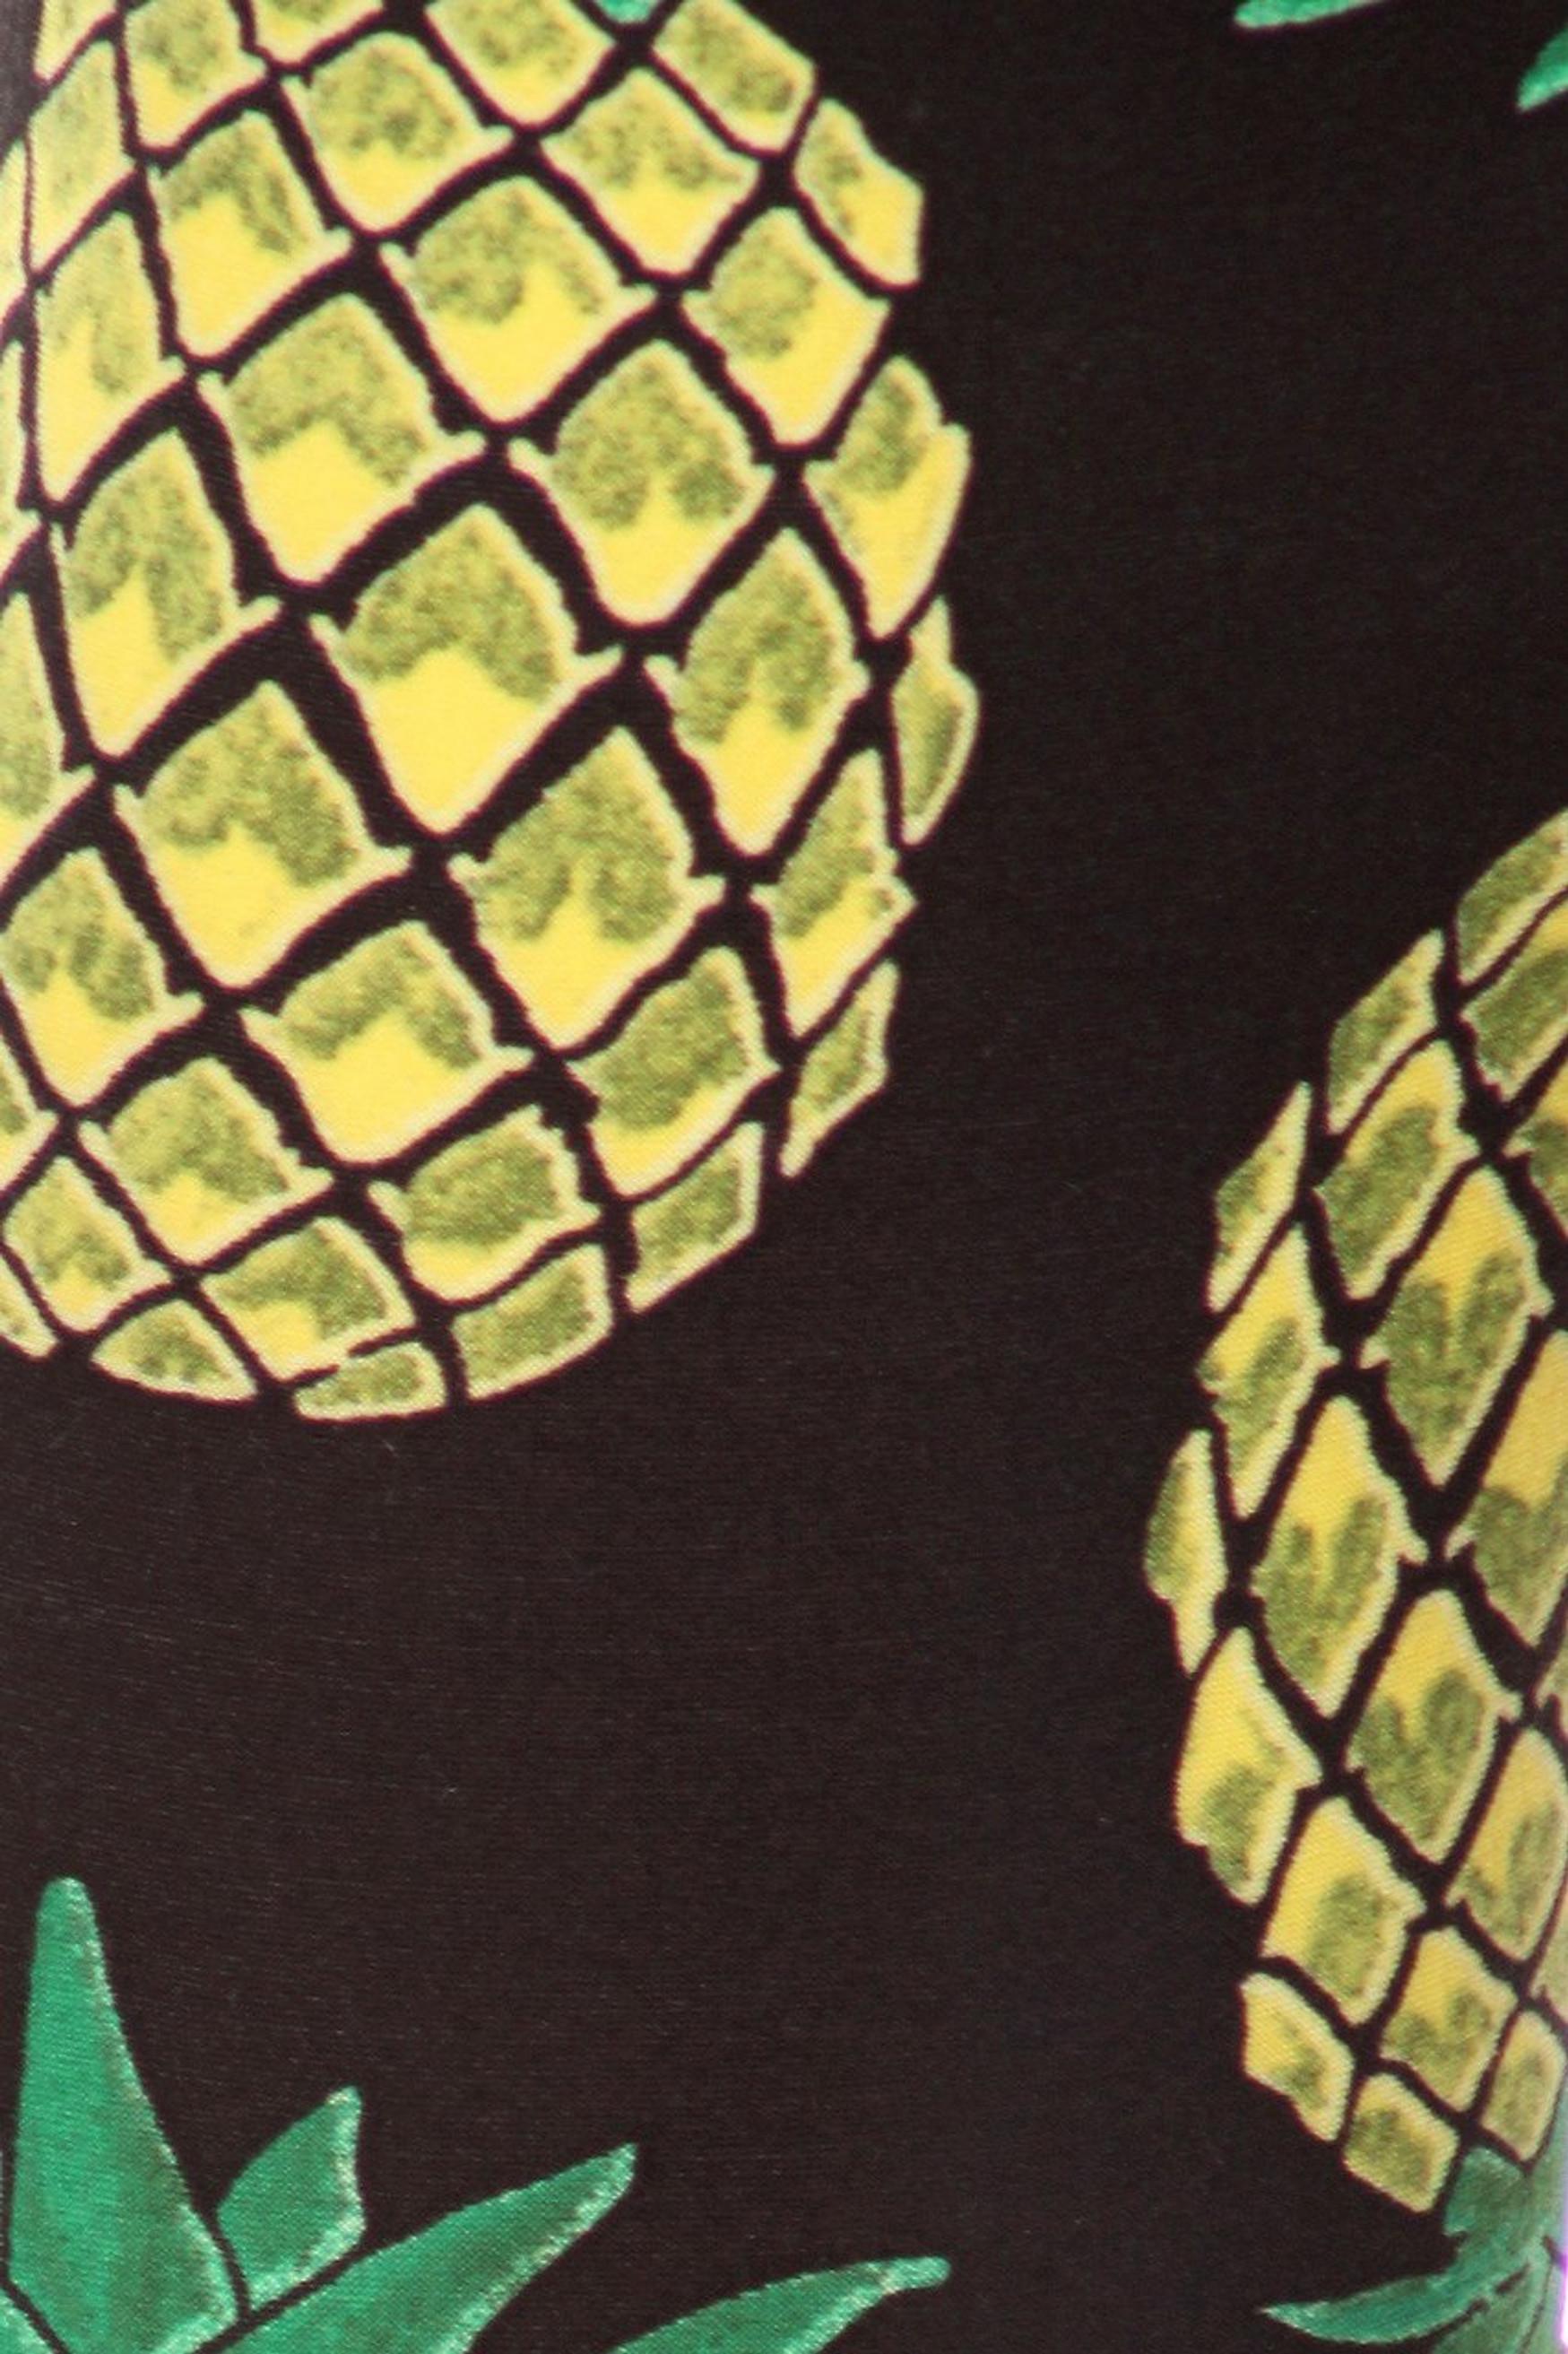 Brushed Green Pineapple Leggings - EEVEE